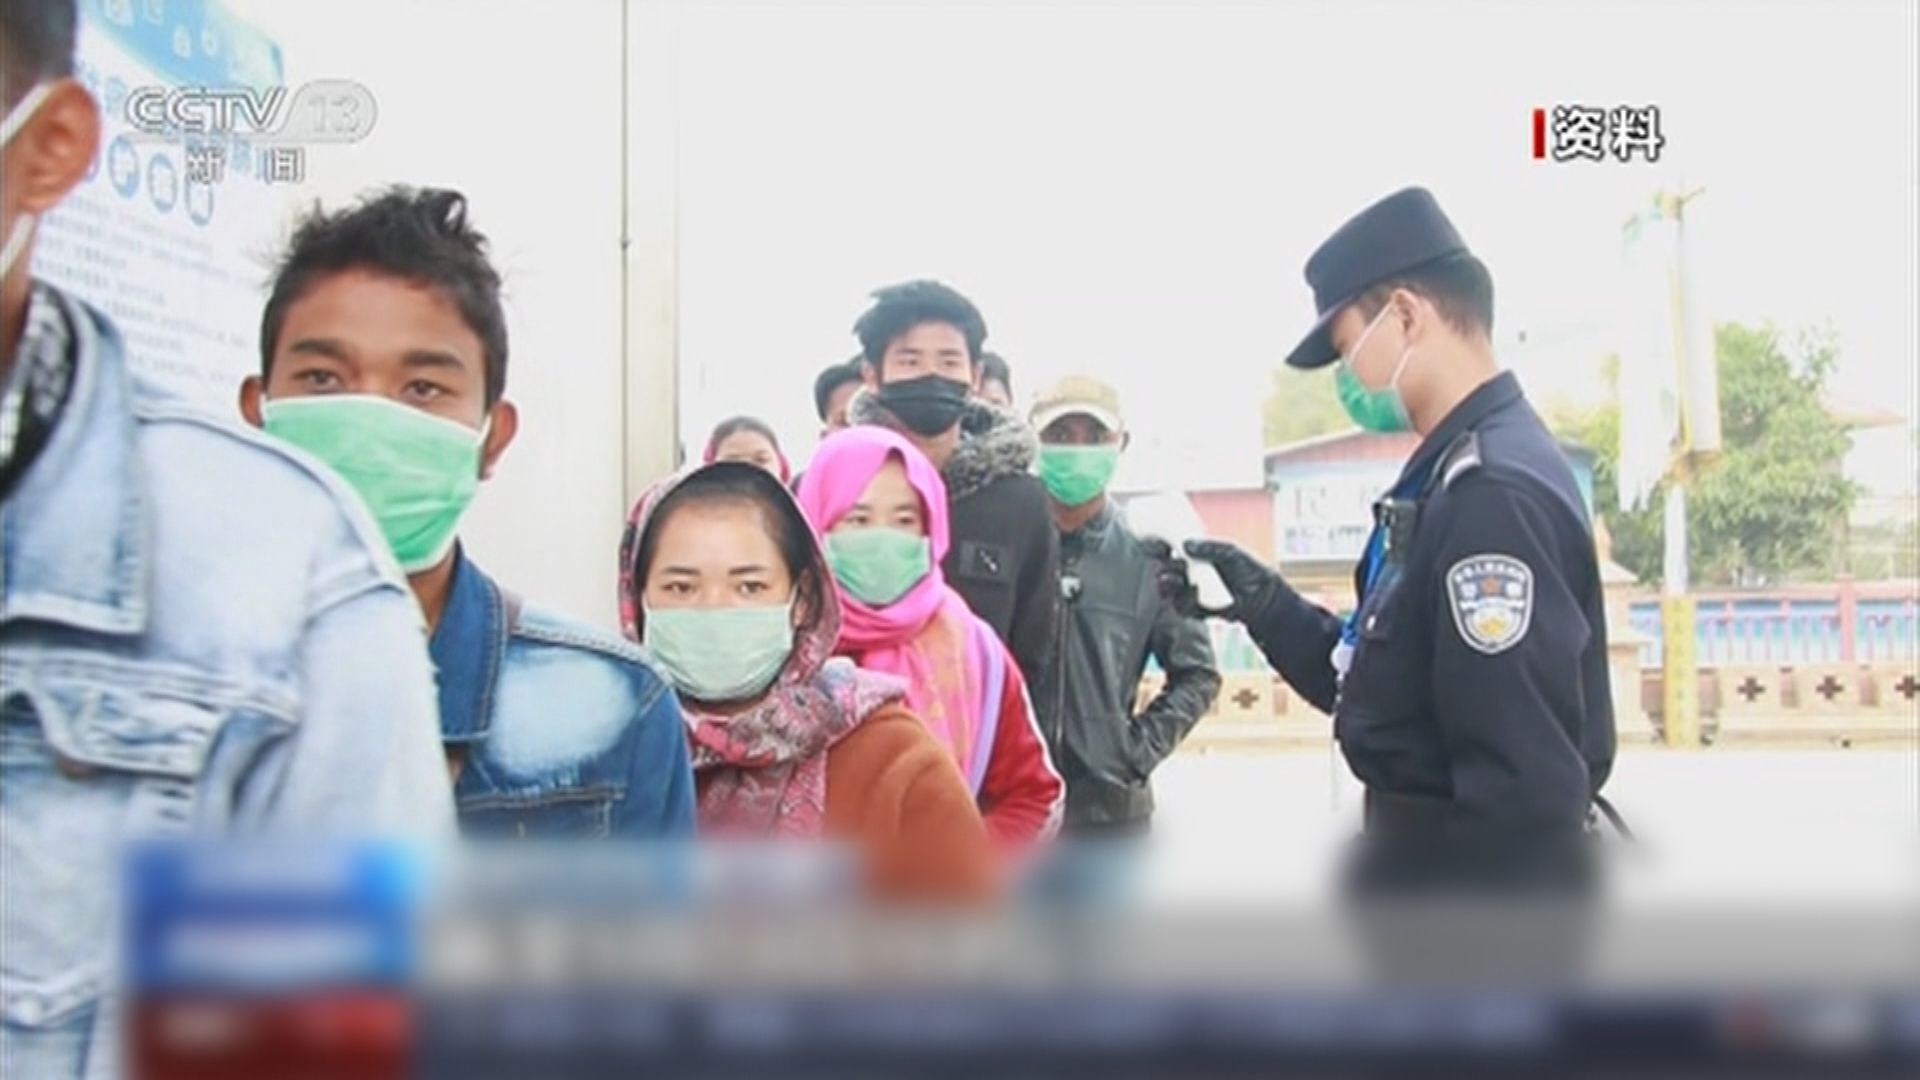 雲南省瑞麗市新增兩宗輸入病例 當地實施封城